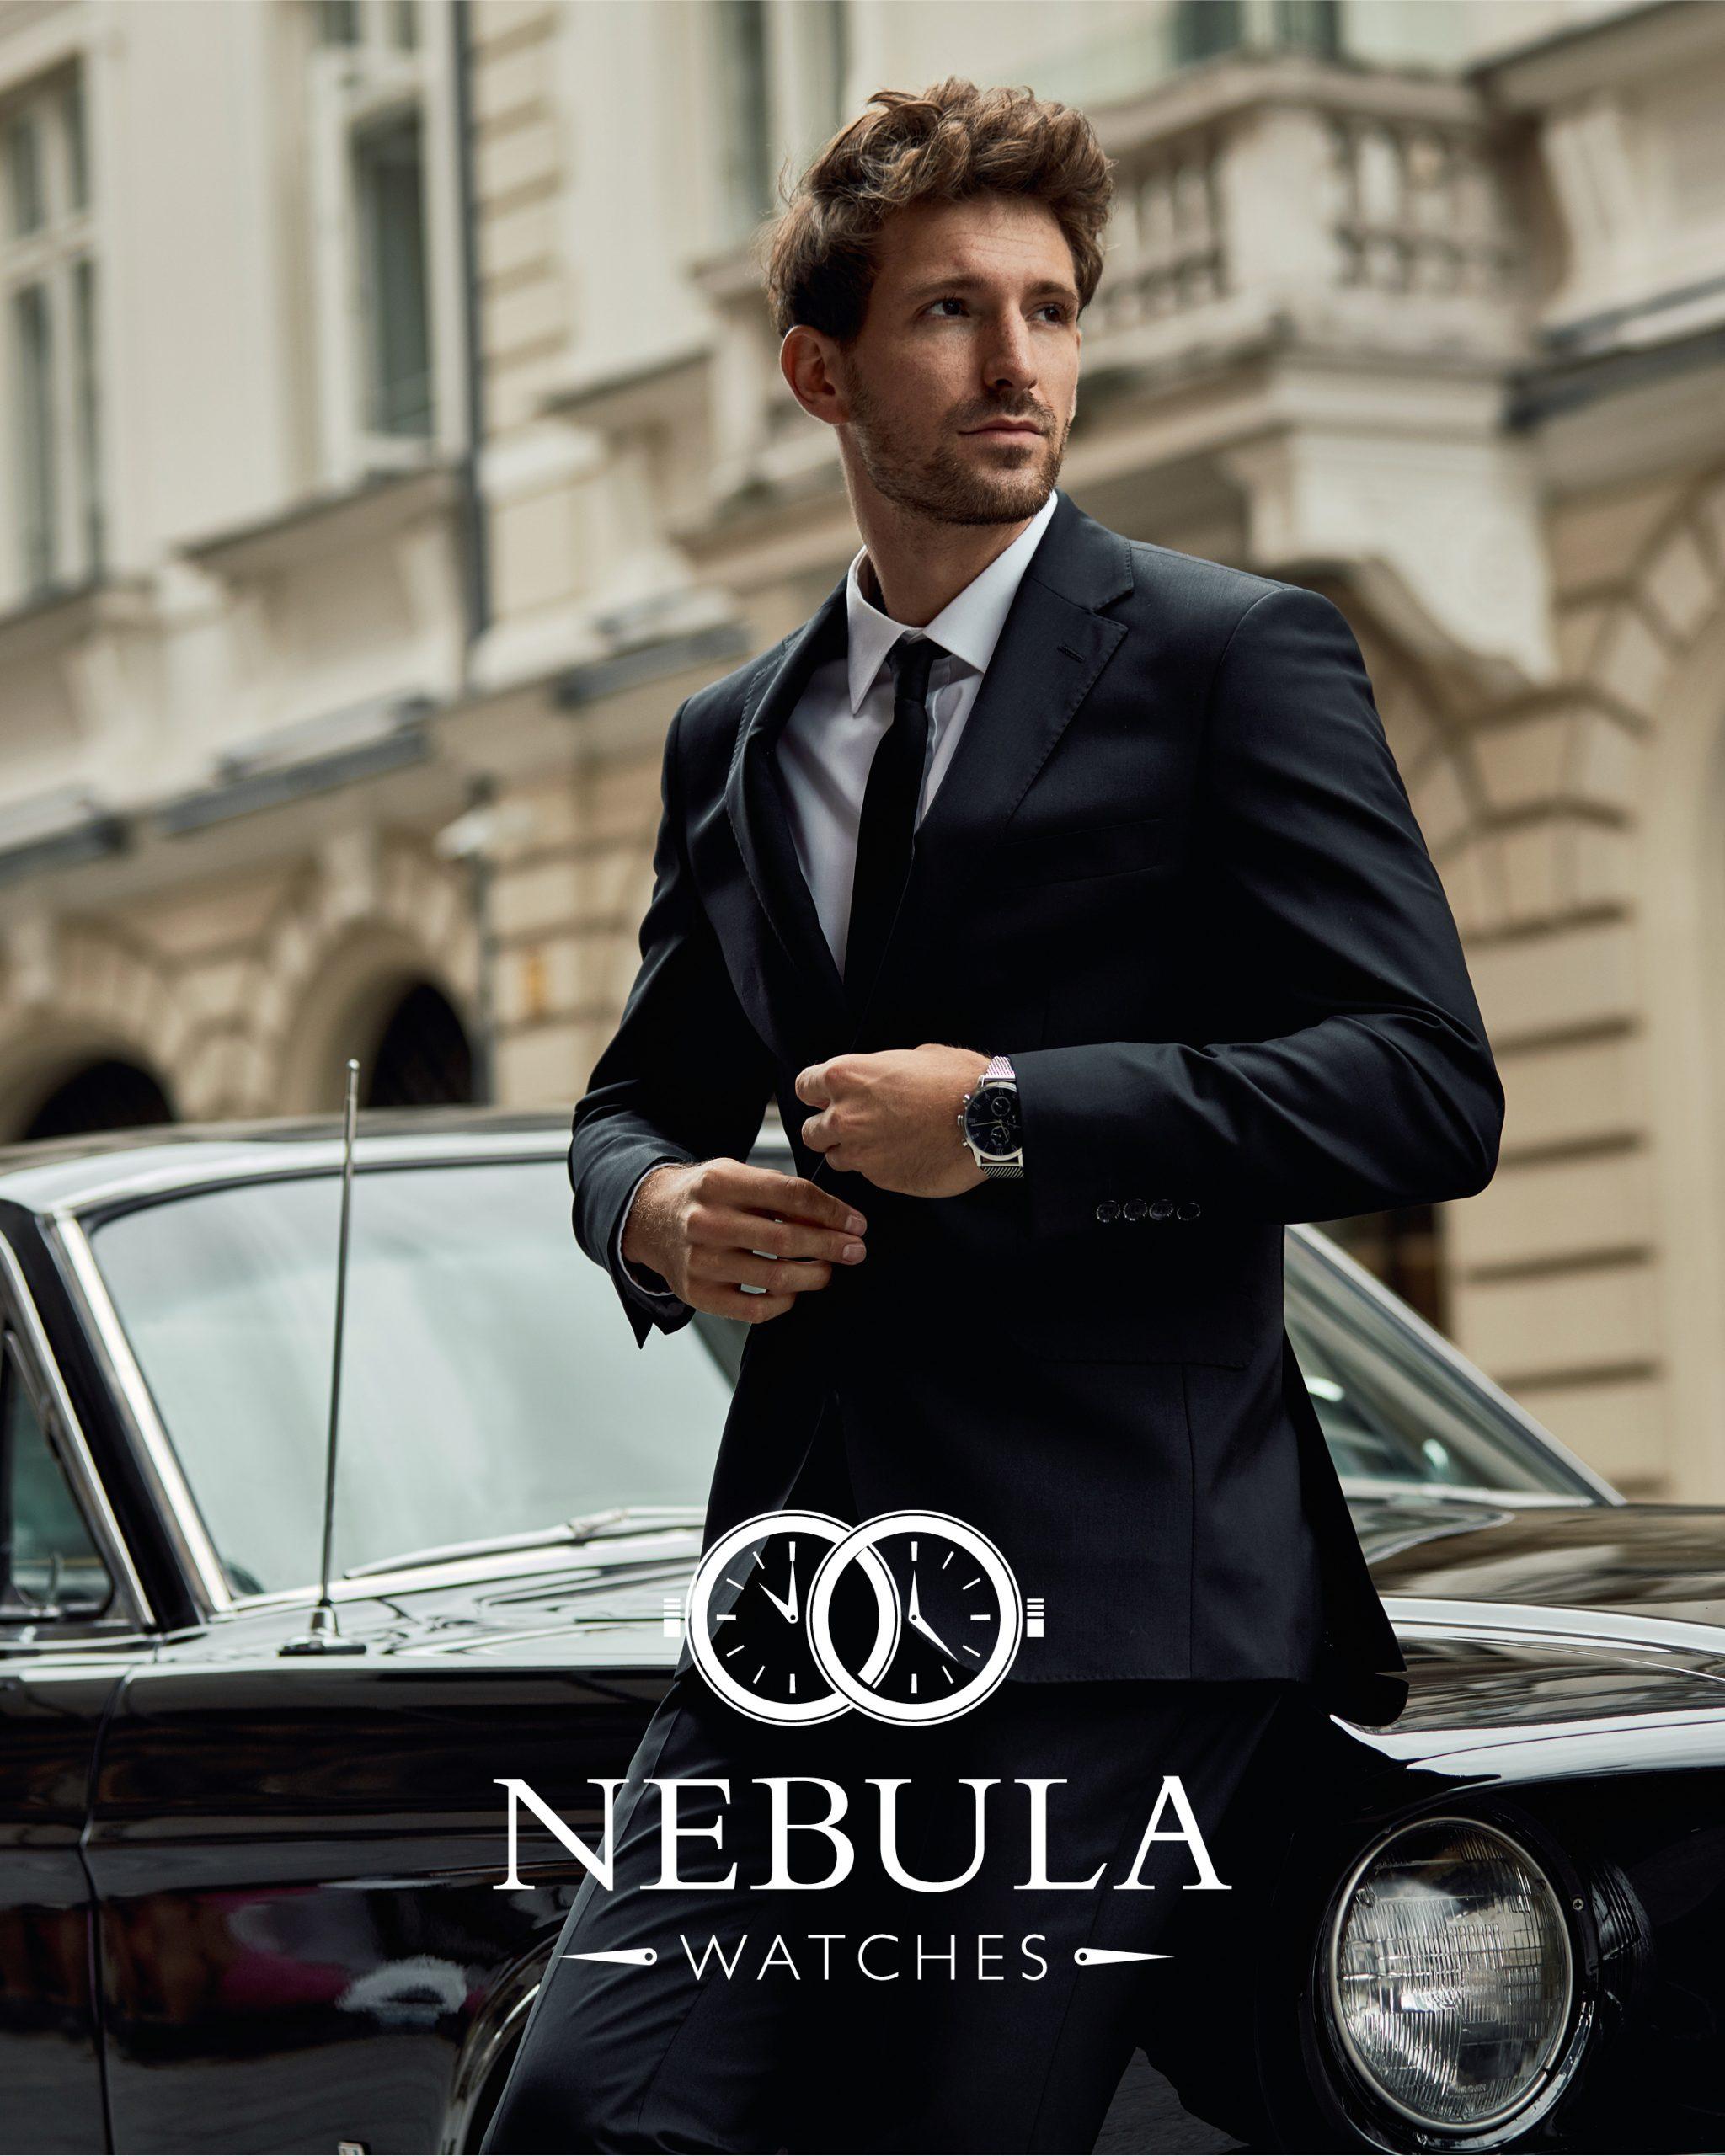 Nebula Watches_SM20218